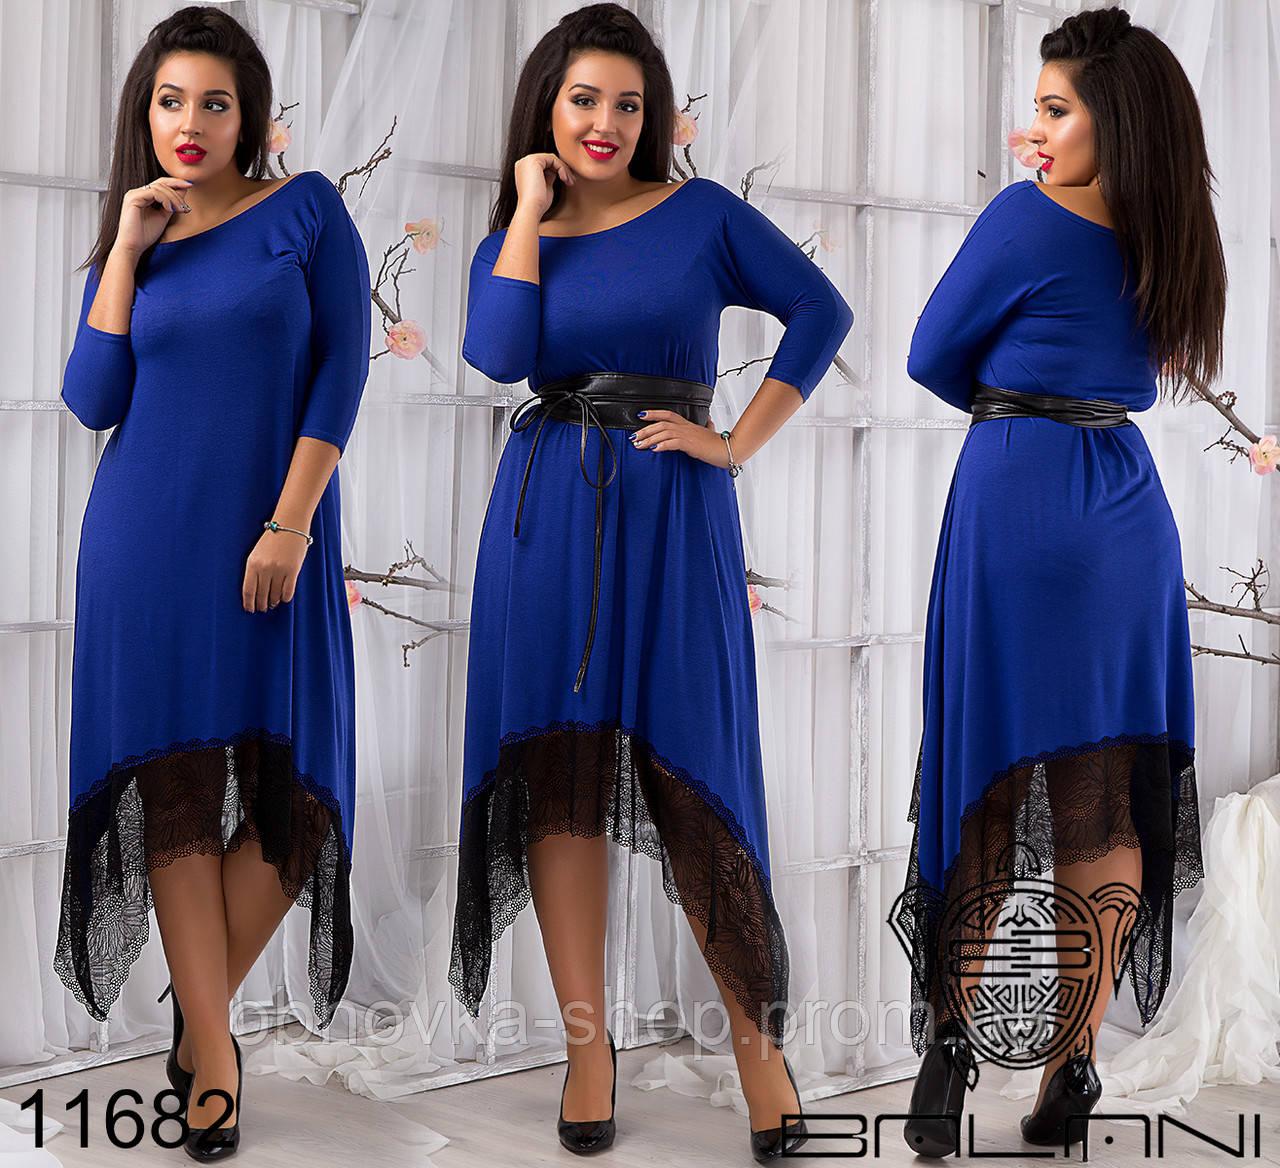 ca59f85abce3c22 Вечерние платья больших размеров р. 48-54 11681 4 цвета - Интернет-магазин